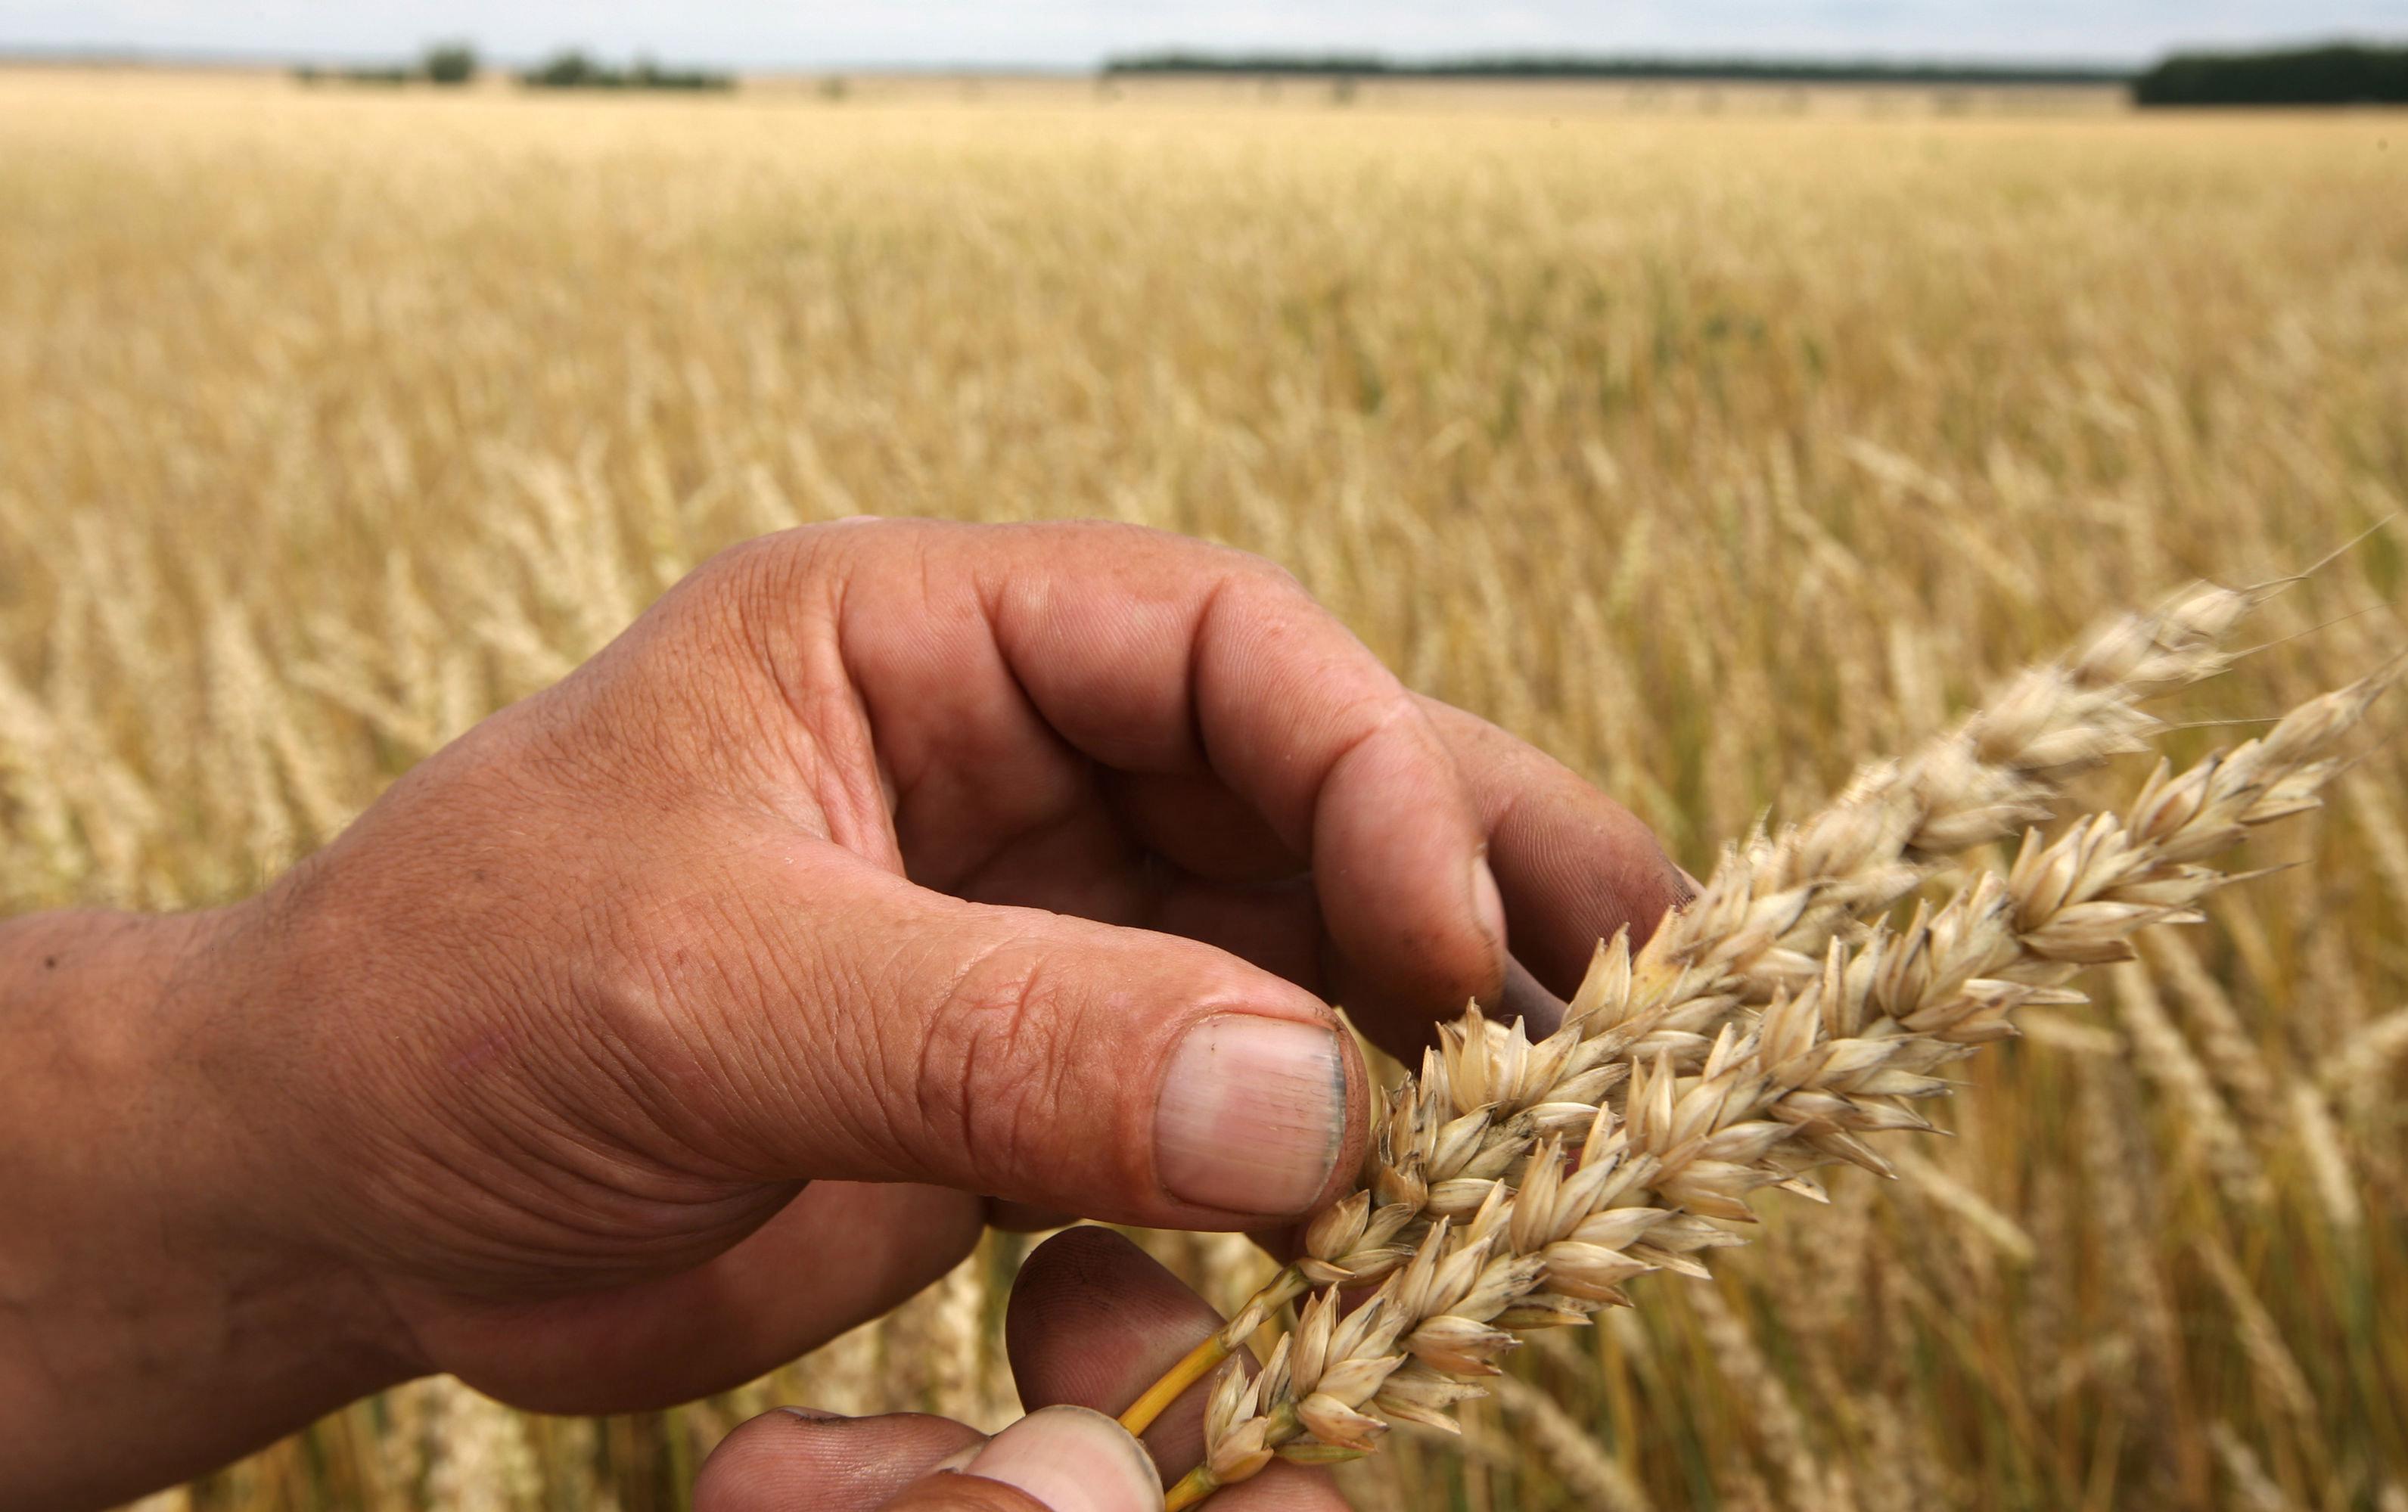 Пшеничные войны: Америка проигрывает России